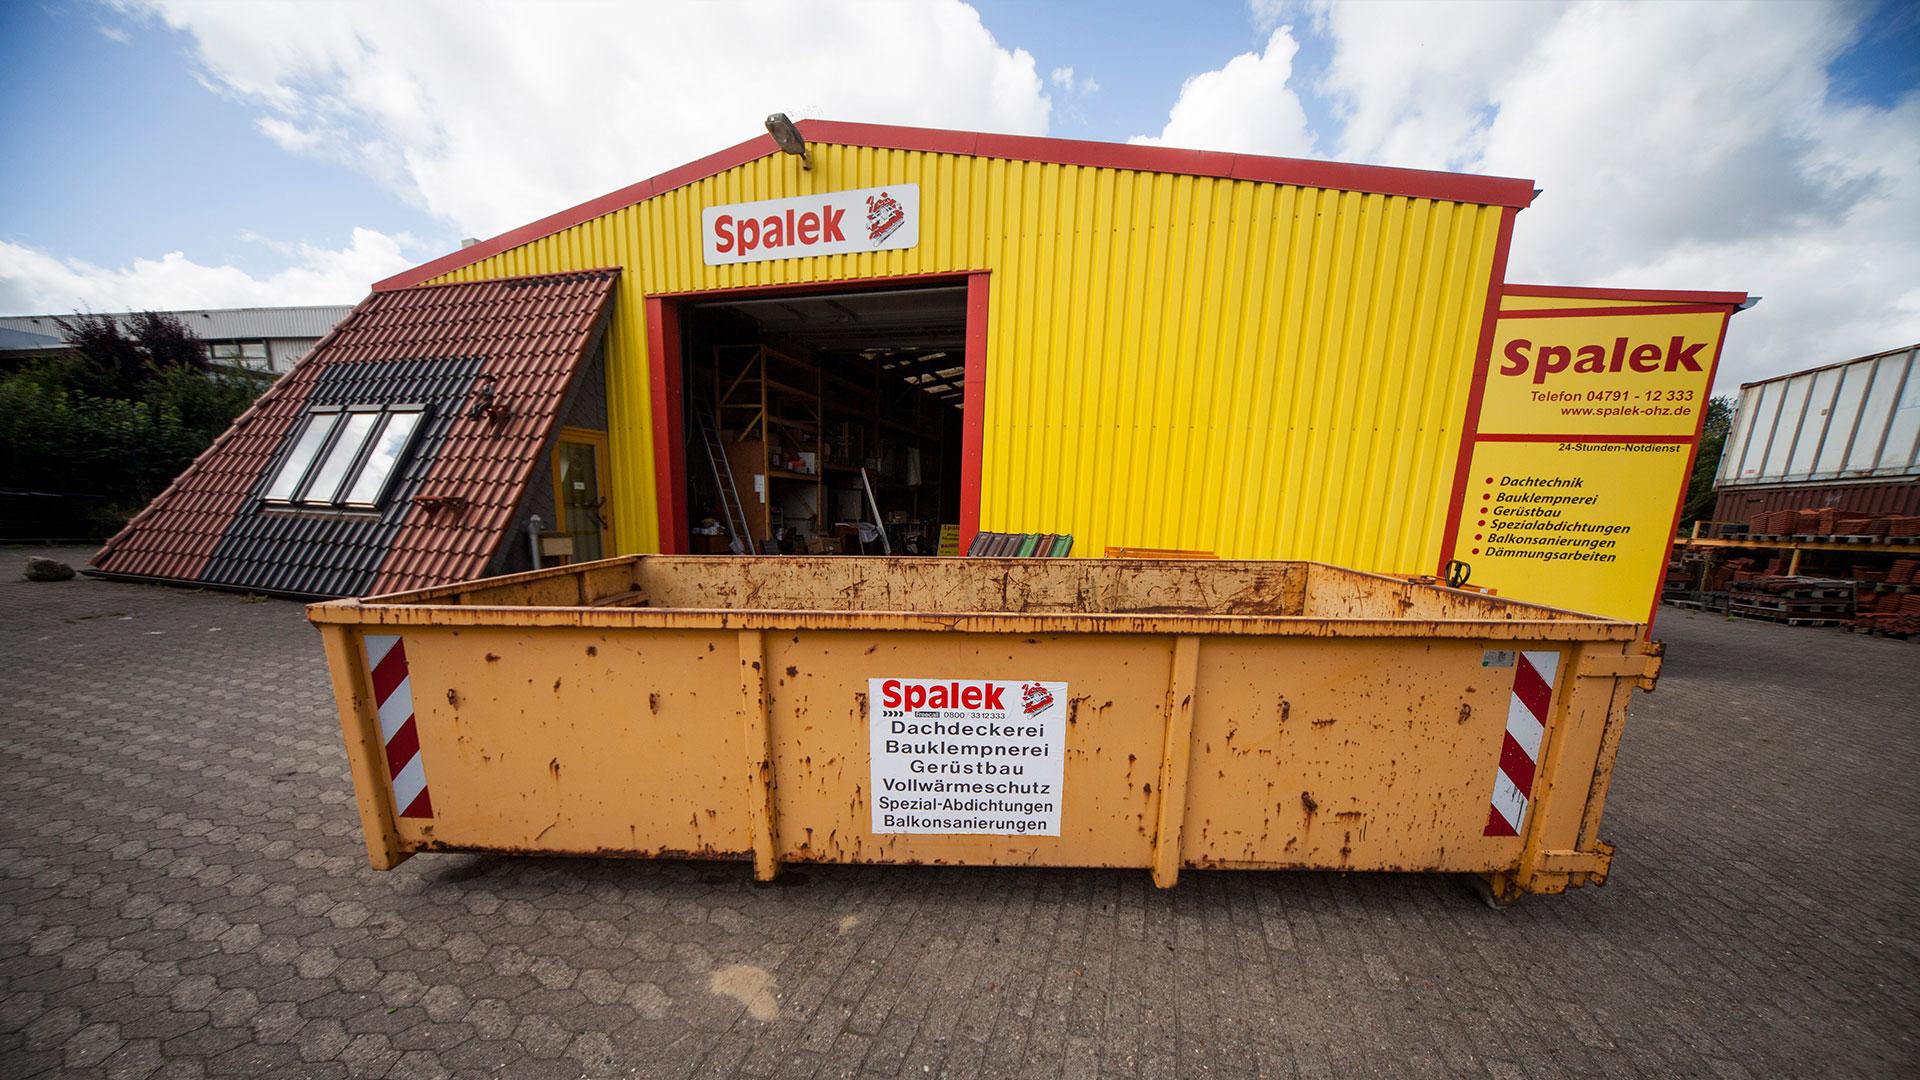 Container vor Firmensitz Dachdeckerei Spalek 1920x1080px | Dachdeckerei Spalek OHZ